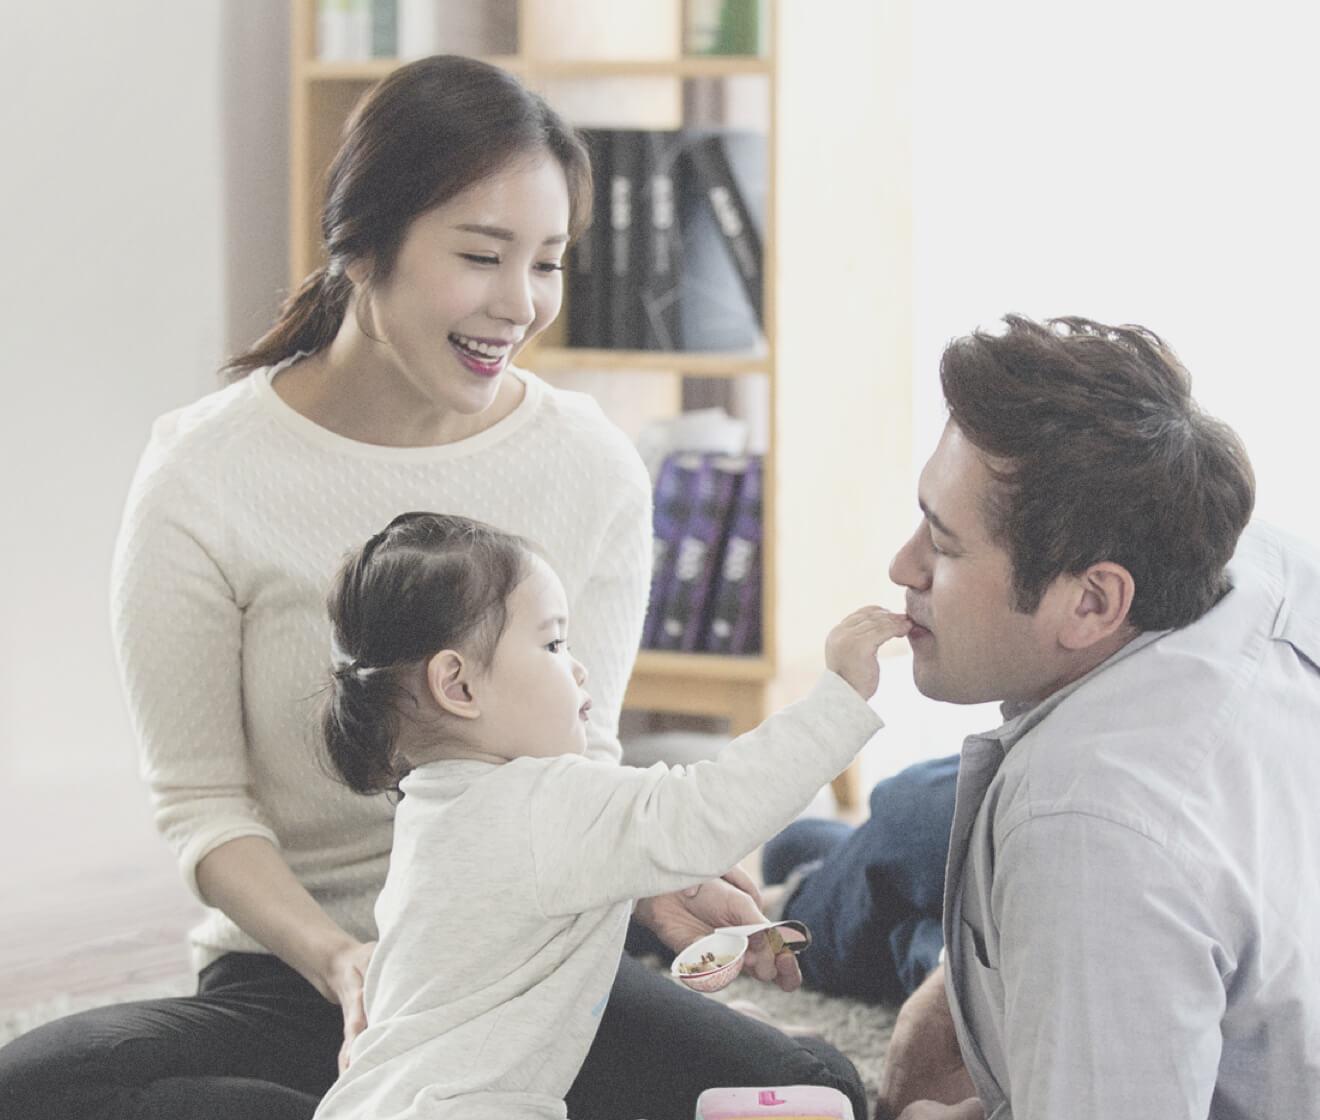 엄마와 아빠, 딸이 함께 있는 가족의 모습